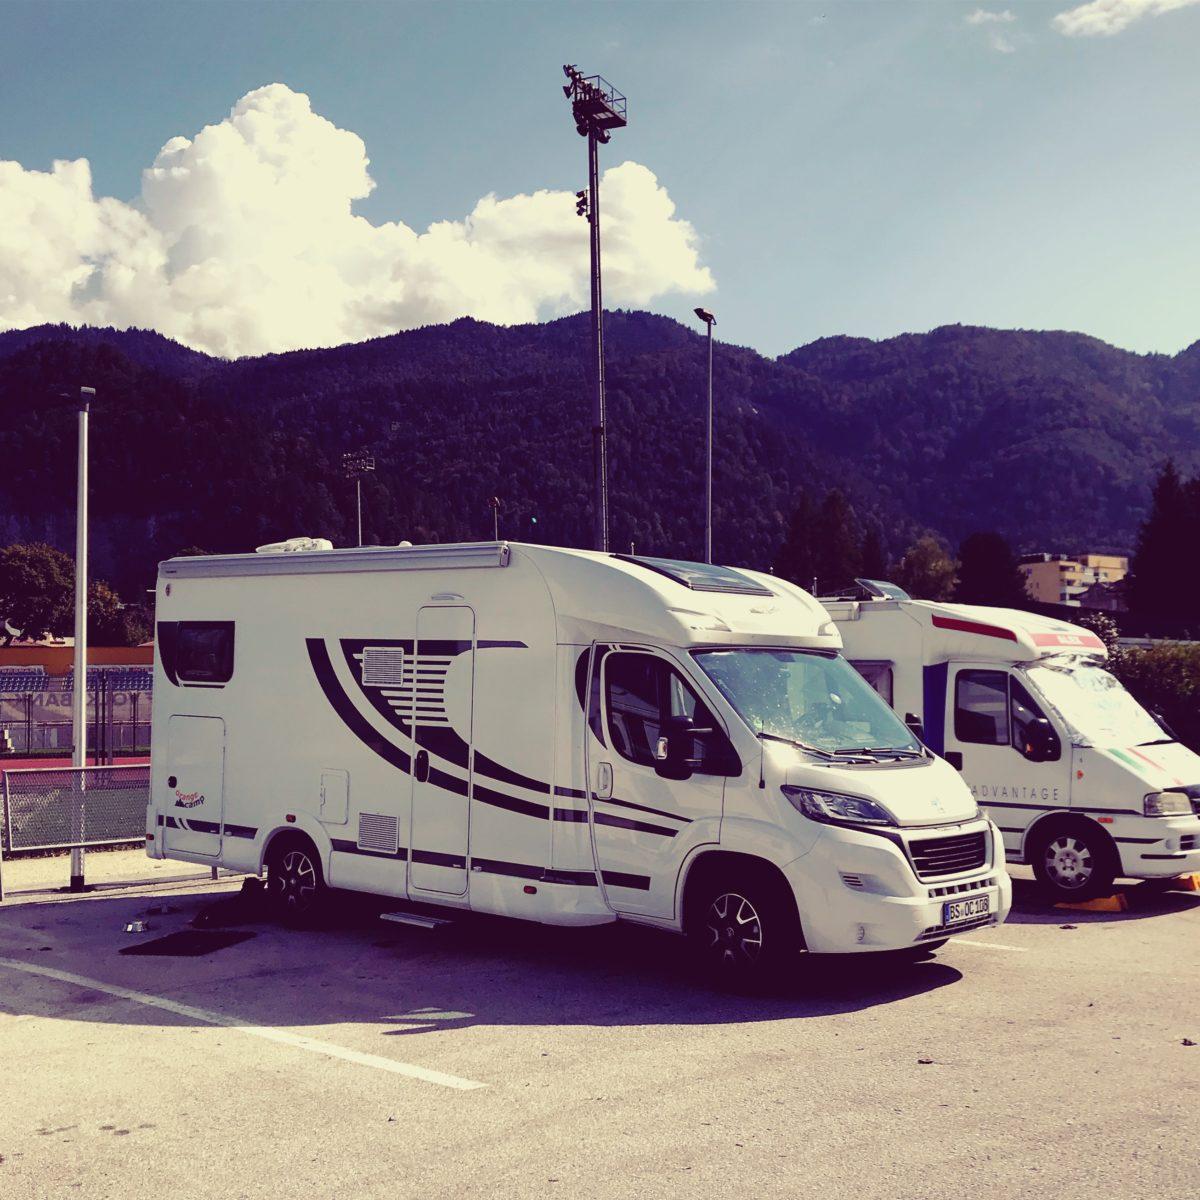 Stellplatz Kufstein, meine Wohnmobil Herbst Tour durch die Alpen